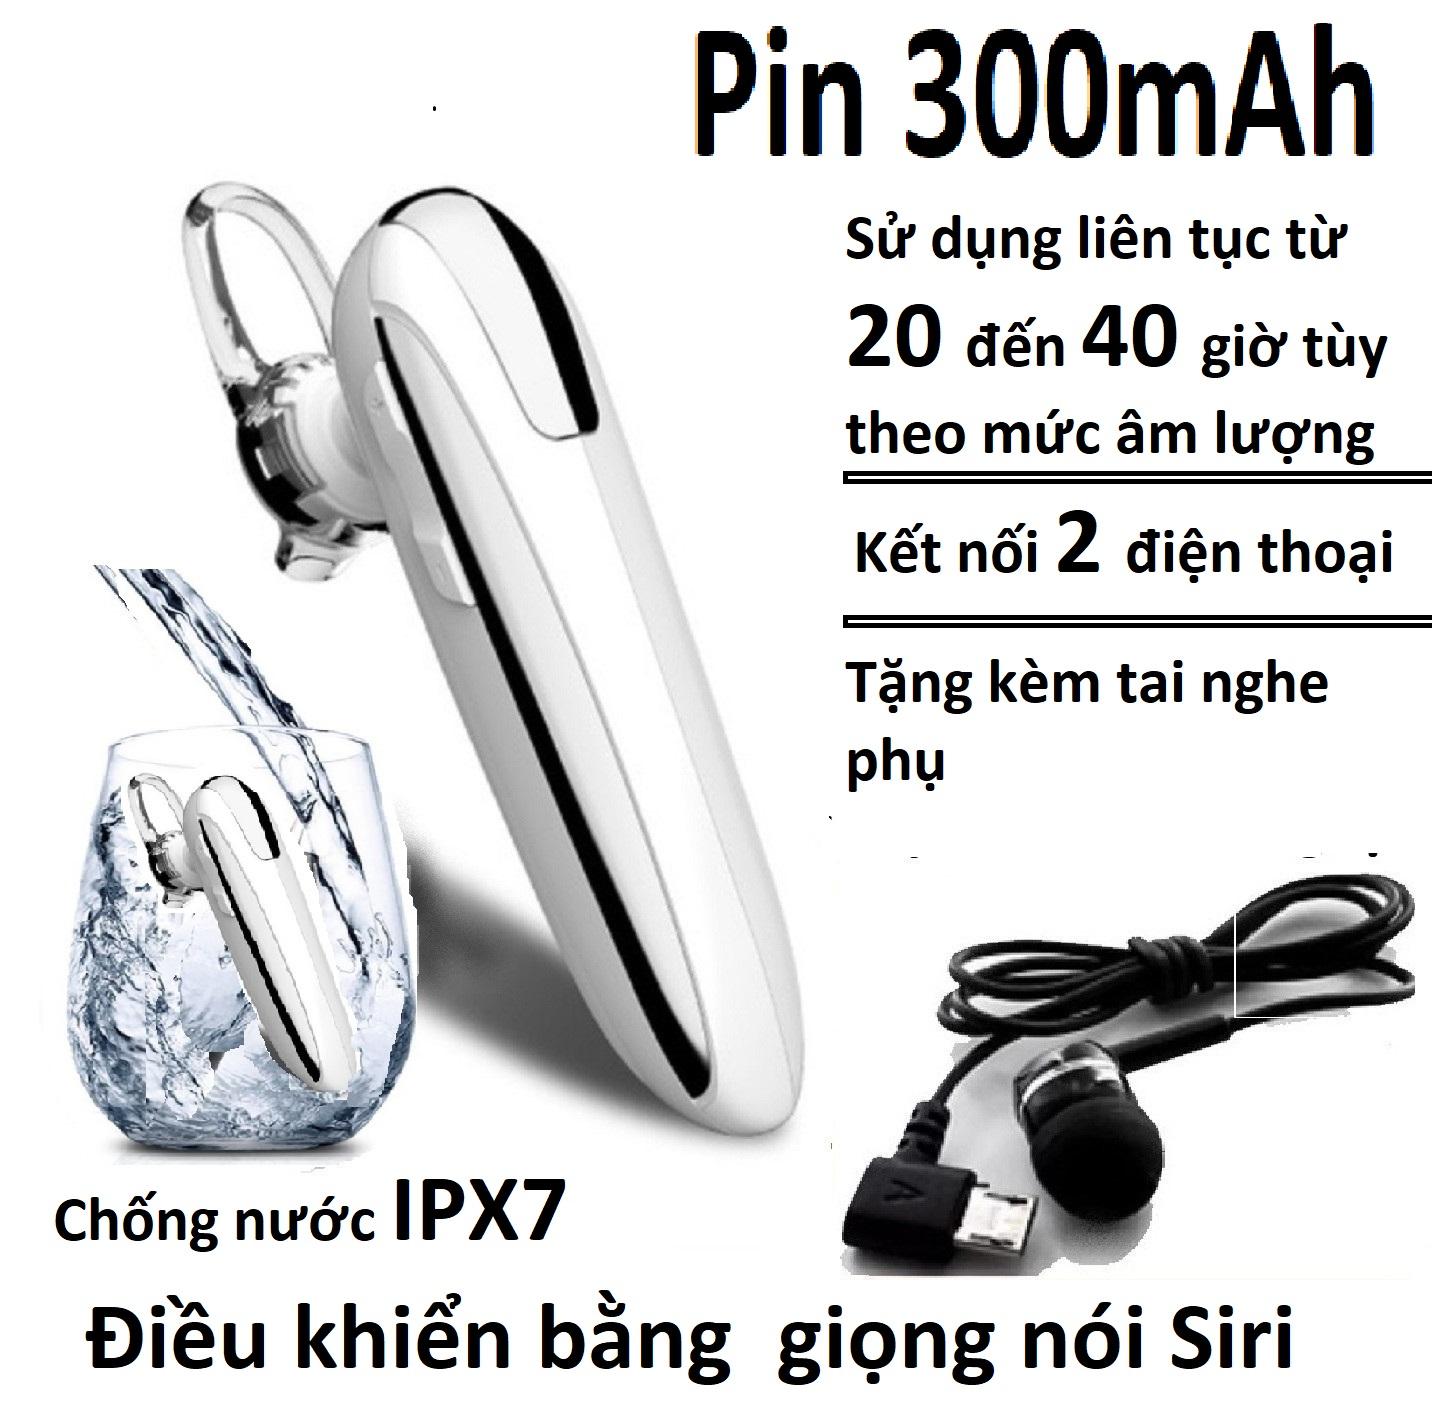 Tai nghe bluetooth Y8 chip 4.1 , Tai nghe không dây X8 chip 5.0 ,kết nối 2 điện thoại, chống nước, pin 300mAh, đàm thoại 32h, nghe nhạc từ 20h đến 30h tùy theo âm lượng,tặng  kèm móc đeo tai, bảo hành 1 đổi 1